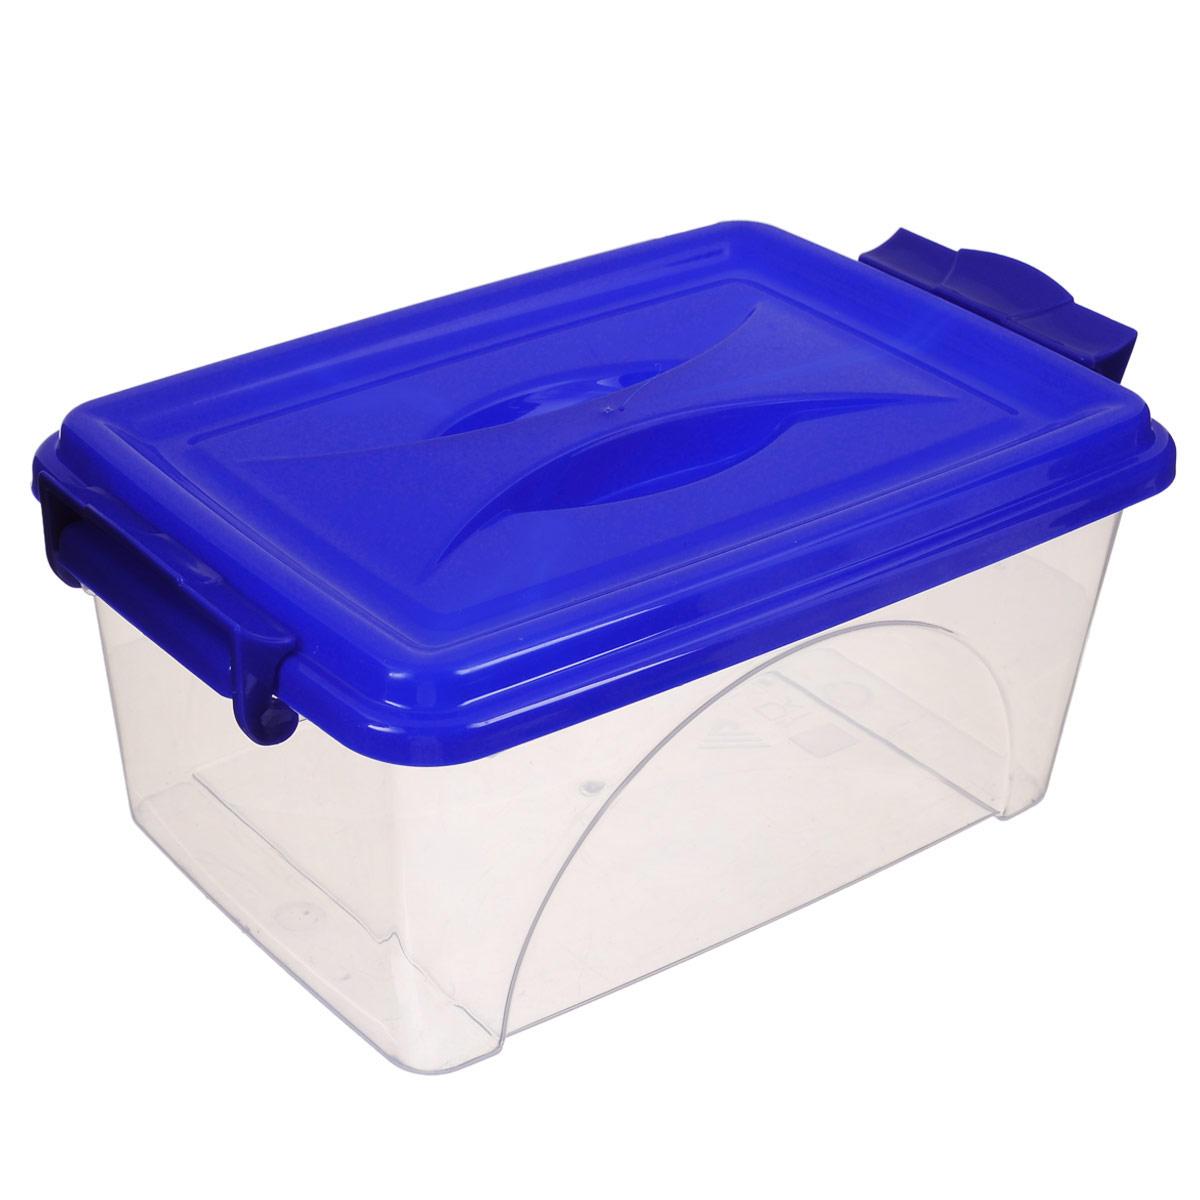 Контейнер Альтернатива, цвет: синий, 30,5 х 20 х 13,5 смPANTERA SPX-2RSКонтейнер Альтернатива выполнен из прочного пластика. Он предназначен для хранения различных мелких вещей. Крышка легко открывается и плотно закрывается. Прозрачные стенки позволяют видеть содержимое. По бокам предусмотрены две удобные ручки, с помощью которых контейнер закрывается.Контейнер поможет хранить все в одном месте, а также защитить вещи от пыли, грязи и влаги.